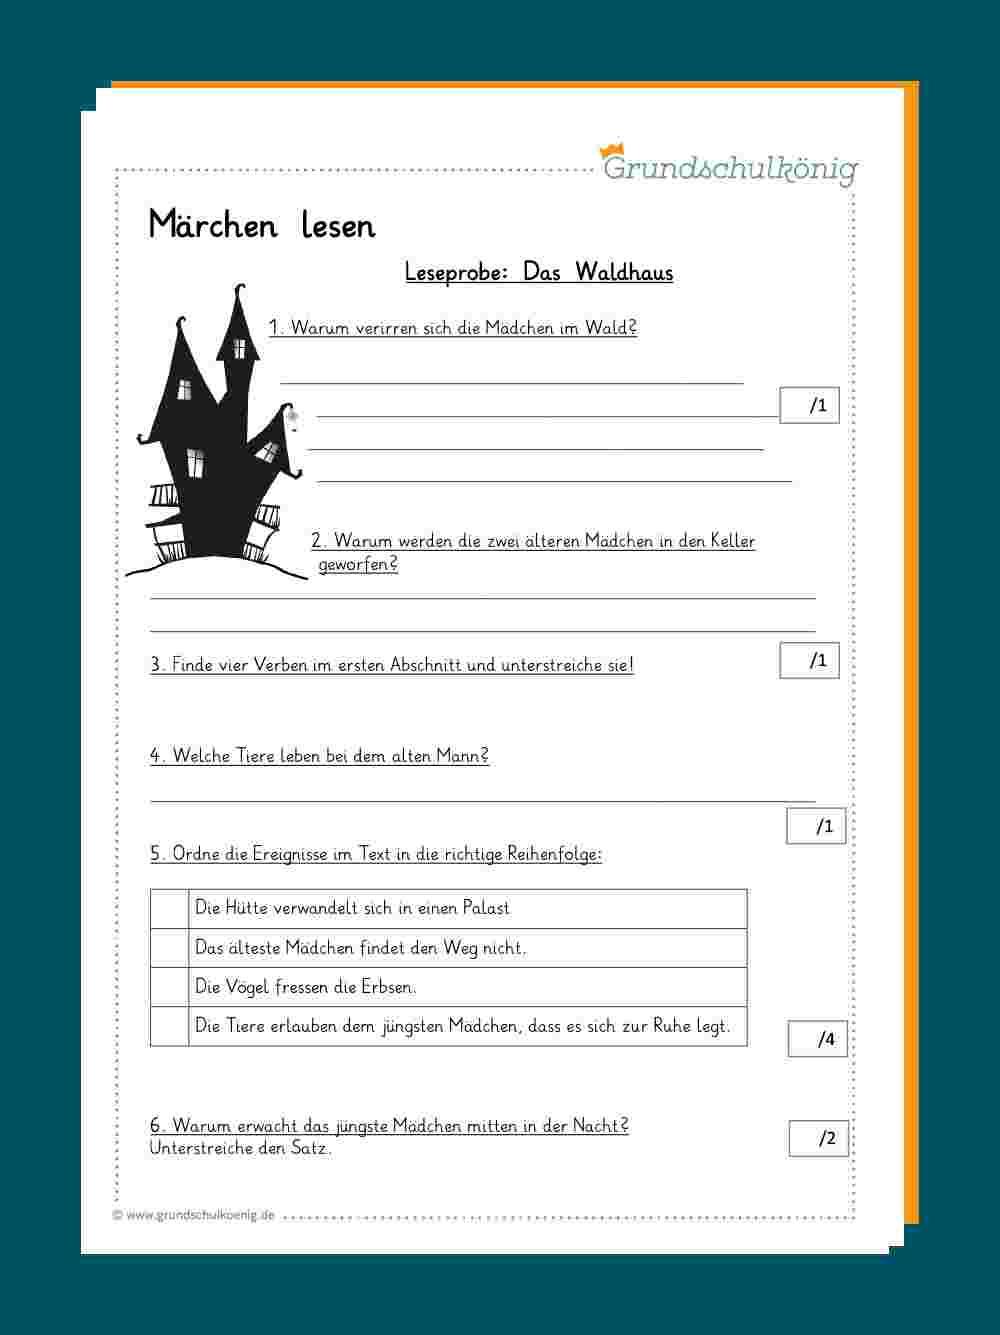 Das Waldhaus verwandt mit Übungsaufgaben Deutsch Klasse 4 Kostenlos